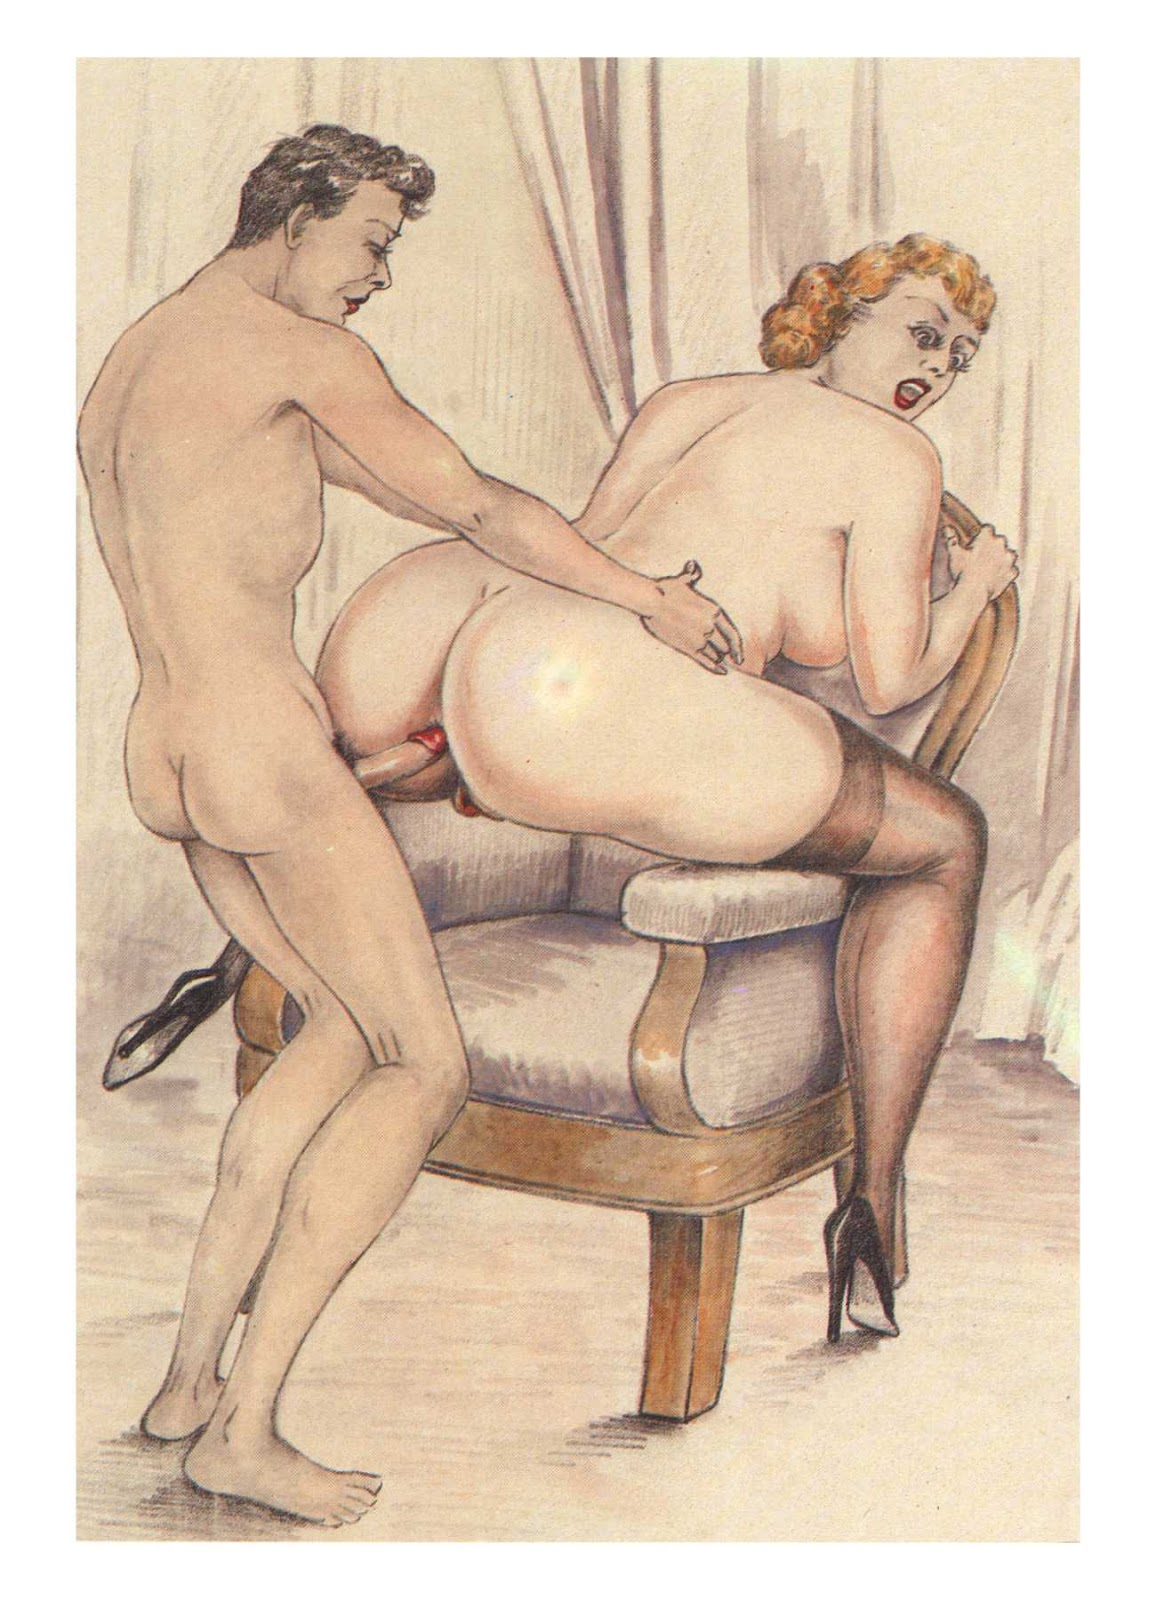 иллюстрации старинные смотреть эротические